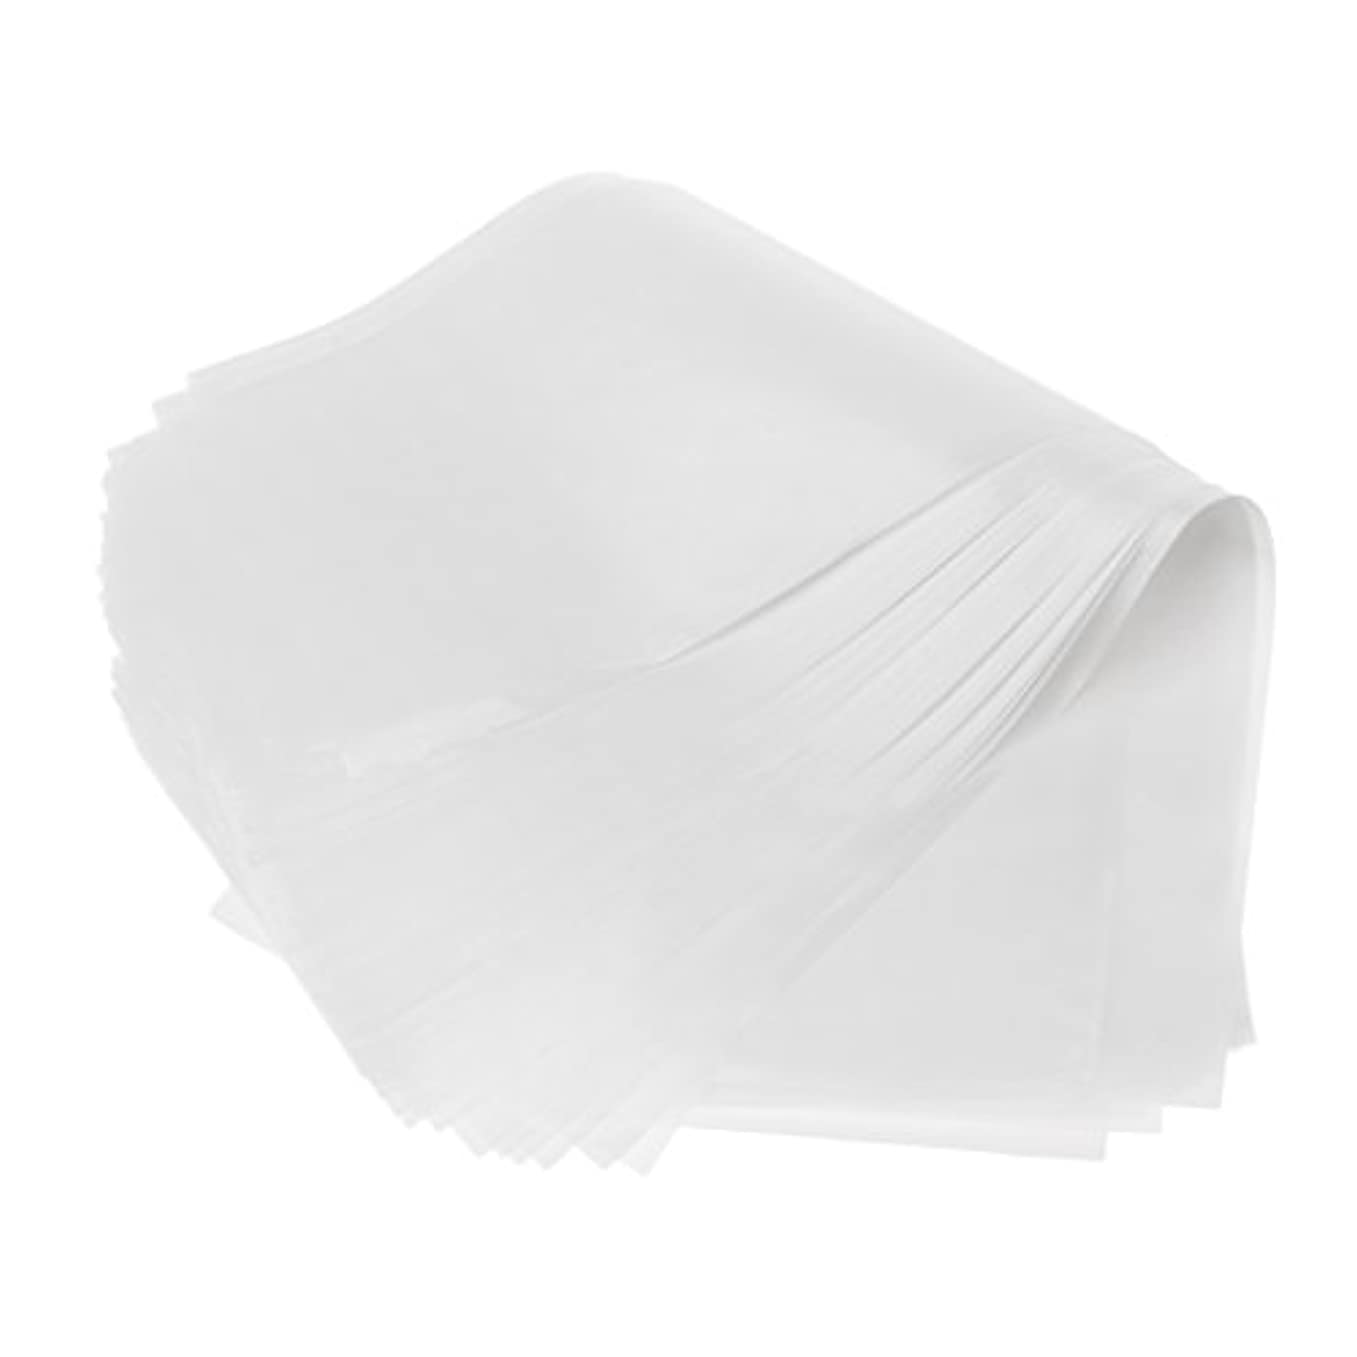 放つの間でふける約50枚 2仕様選べ 髪染め用 毛染め ハイライトシート 再利用可能 分離 紙 ハイライト ヘアカラー 自宅 DIY 使用やすい - ホワイト